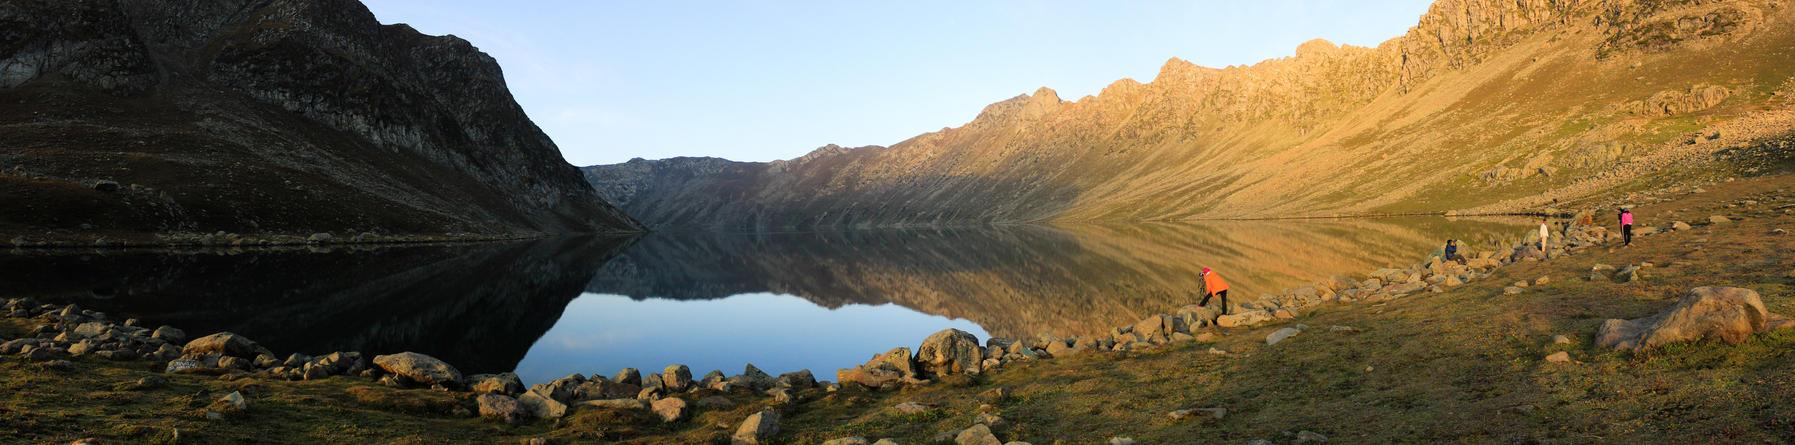 Tarsar Lake at sunrise by praphull8888